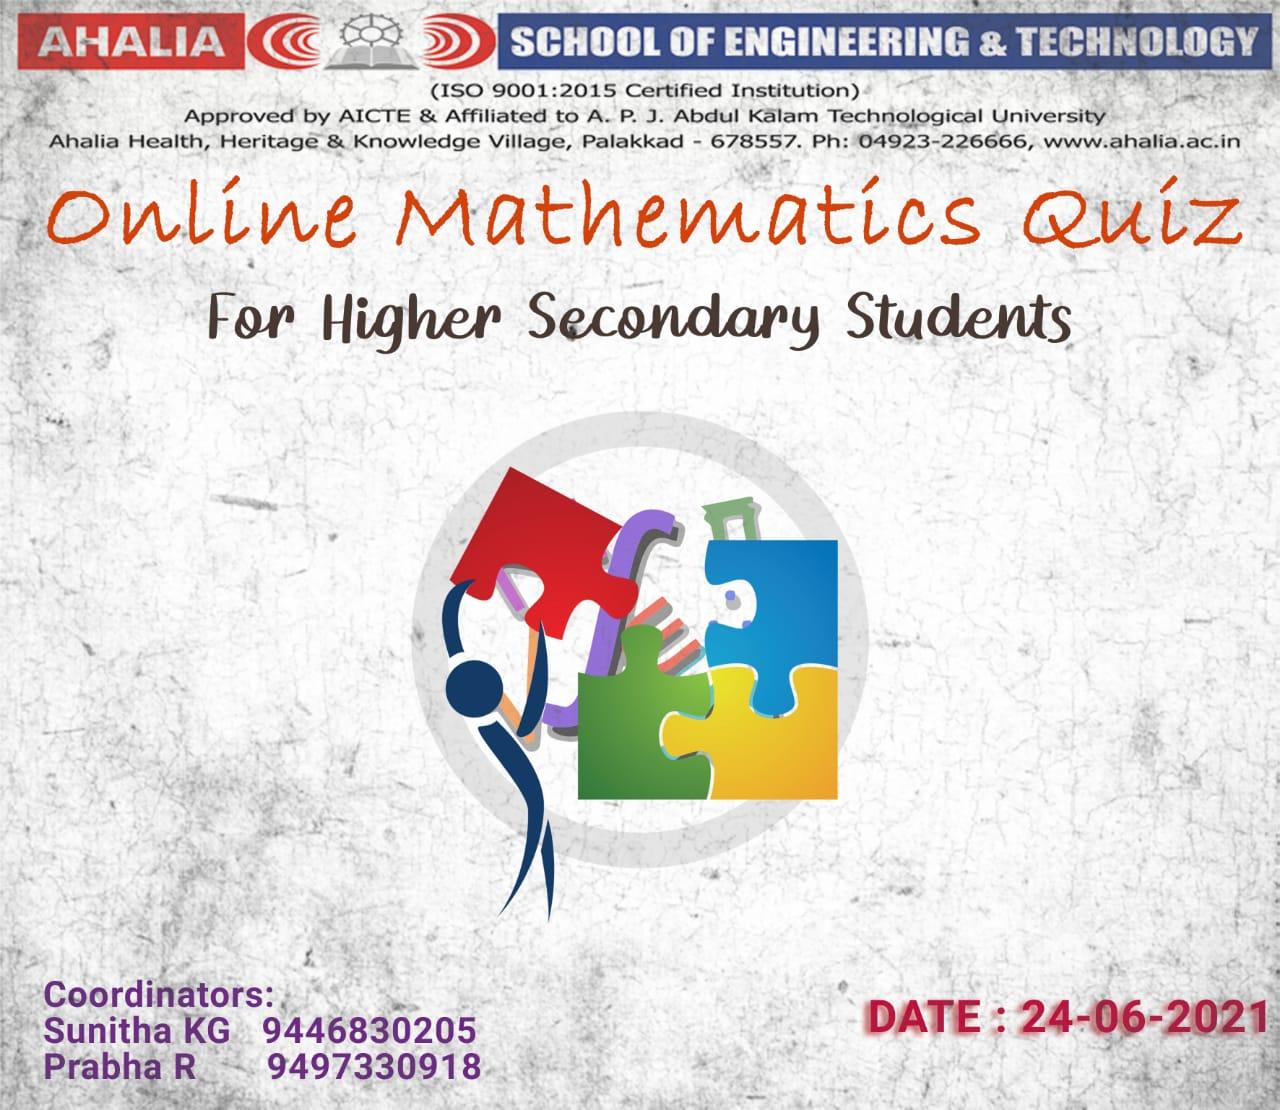 Online Mathematics Quiz